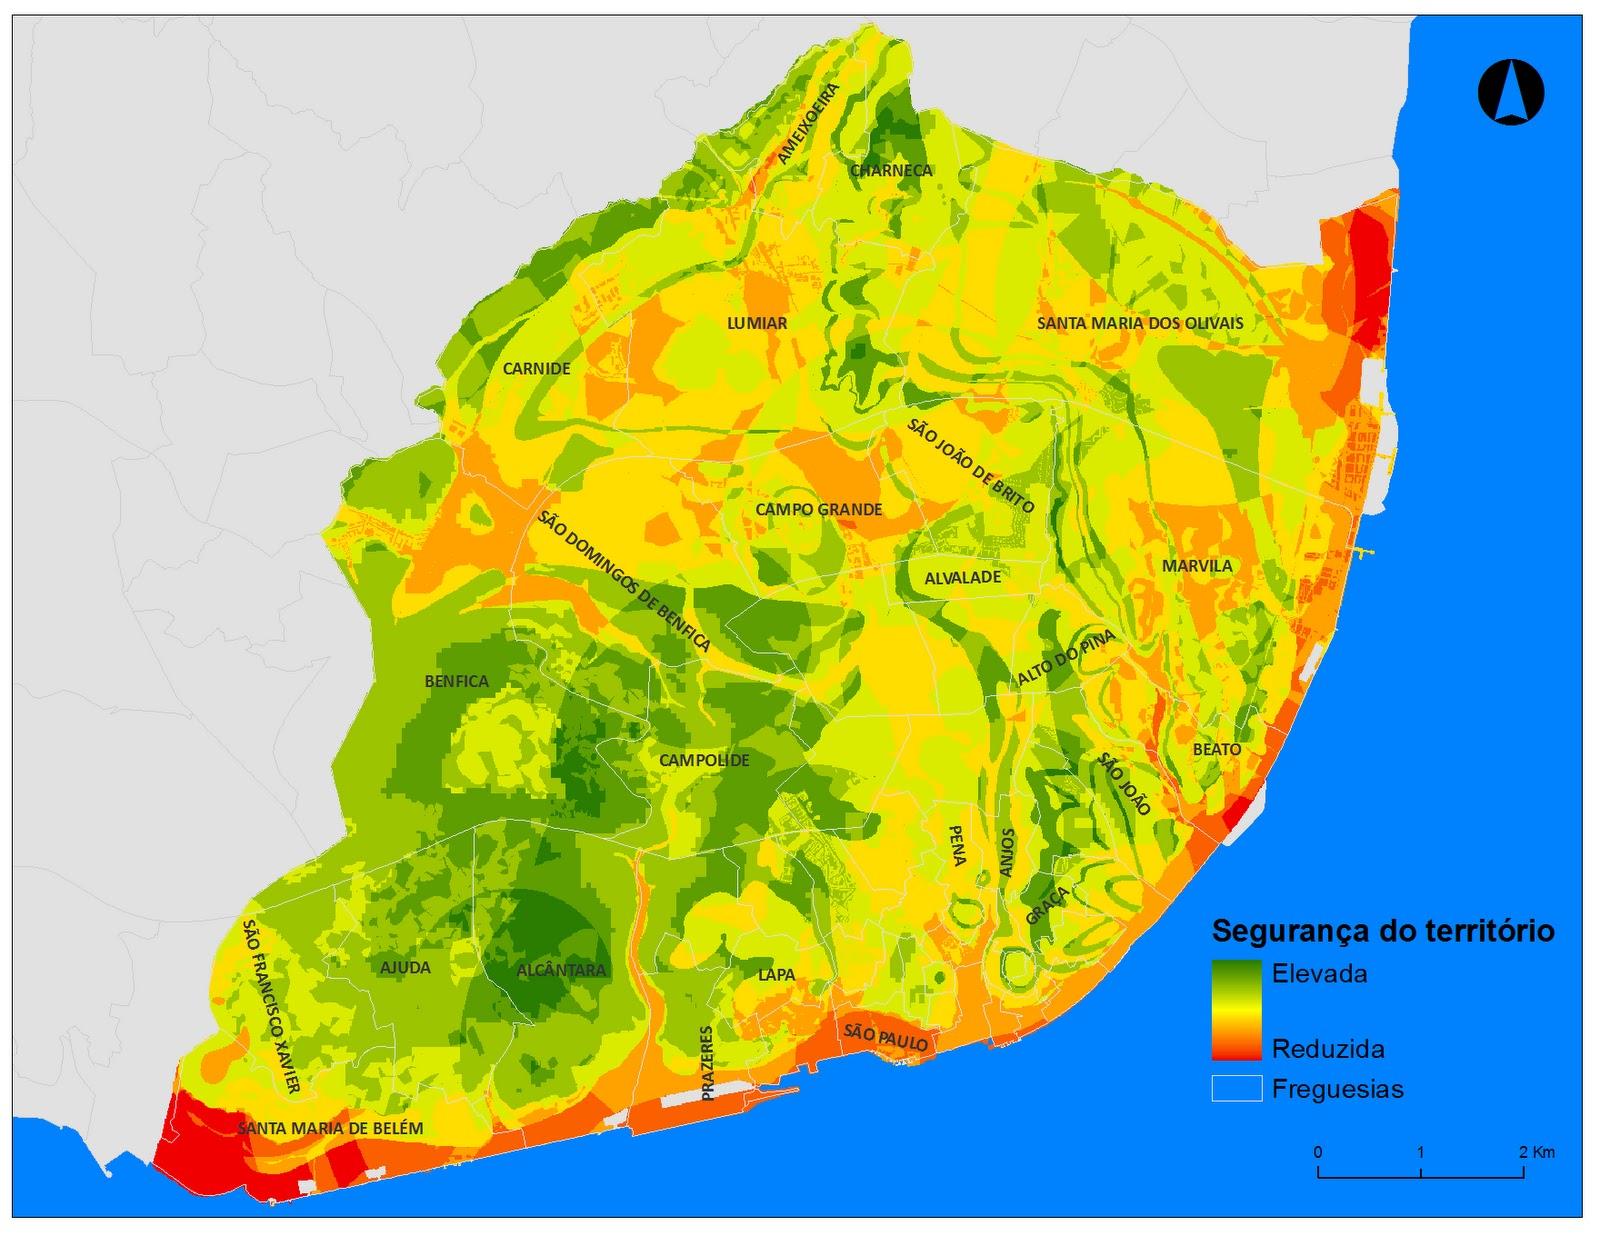 mapa sismico lisboa Gouviães: Definição de Áreas Seguras e Rotas de Emergência em  mapa sismico lisboa